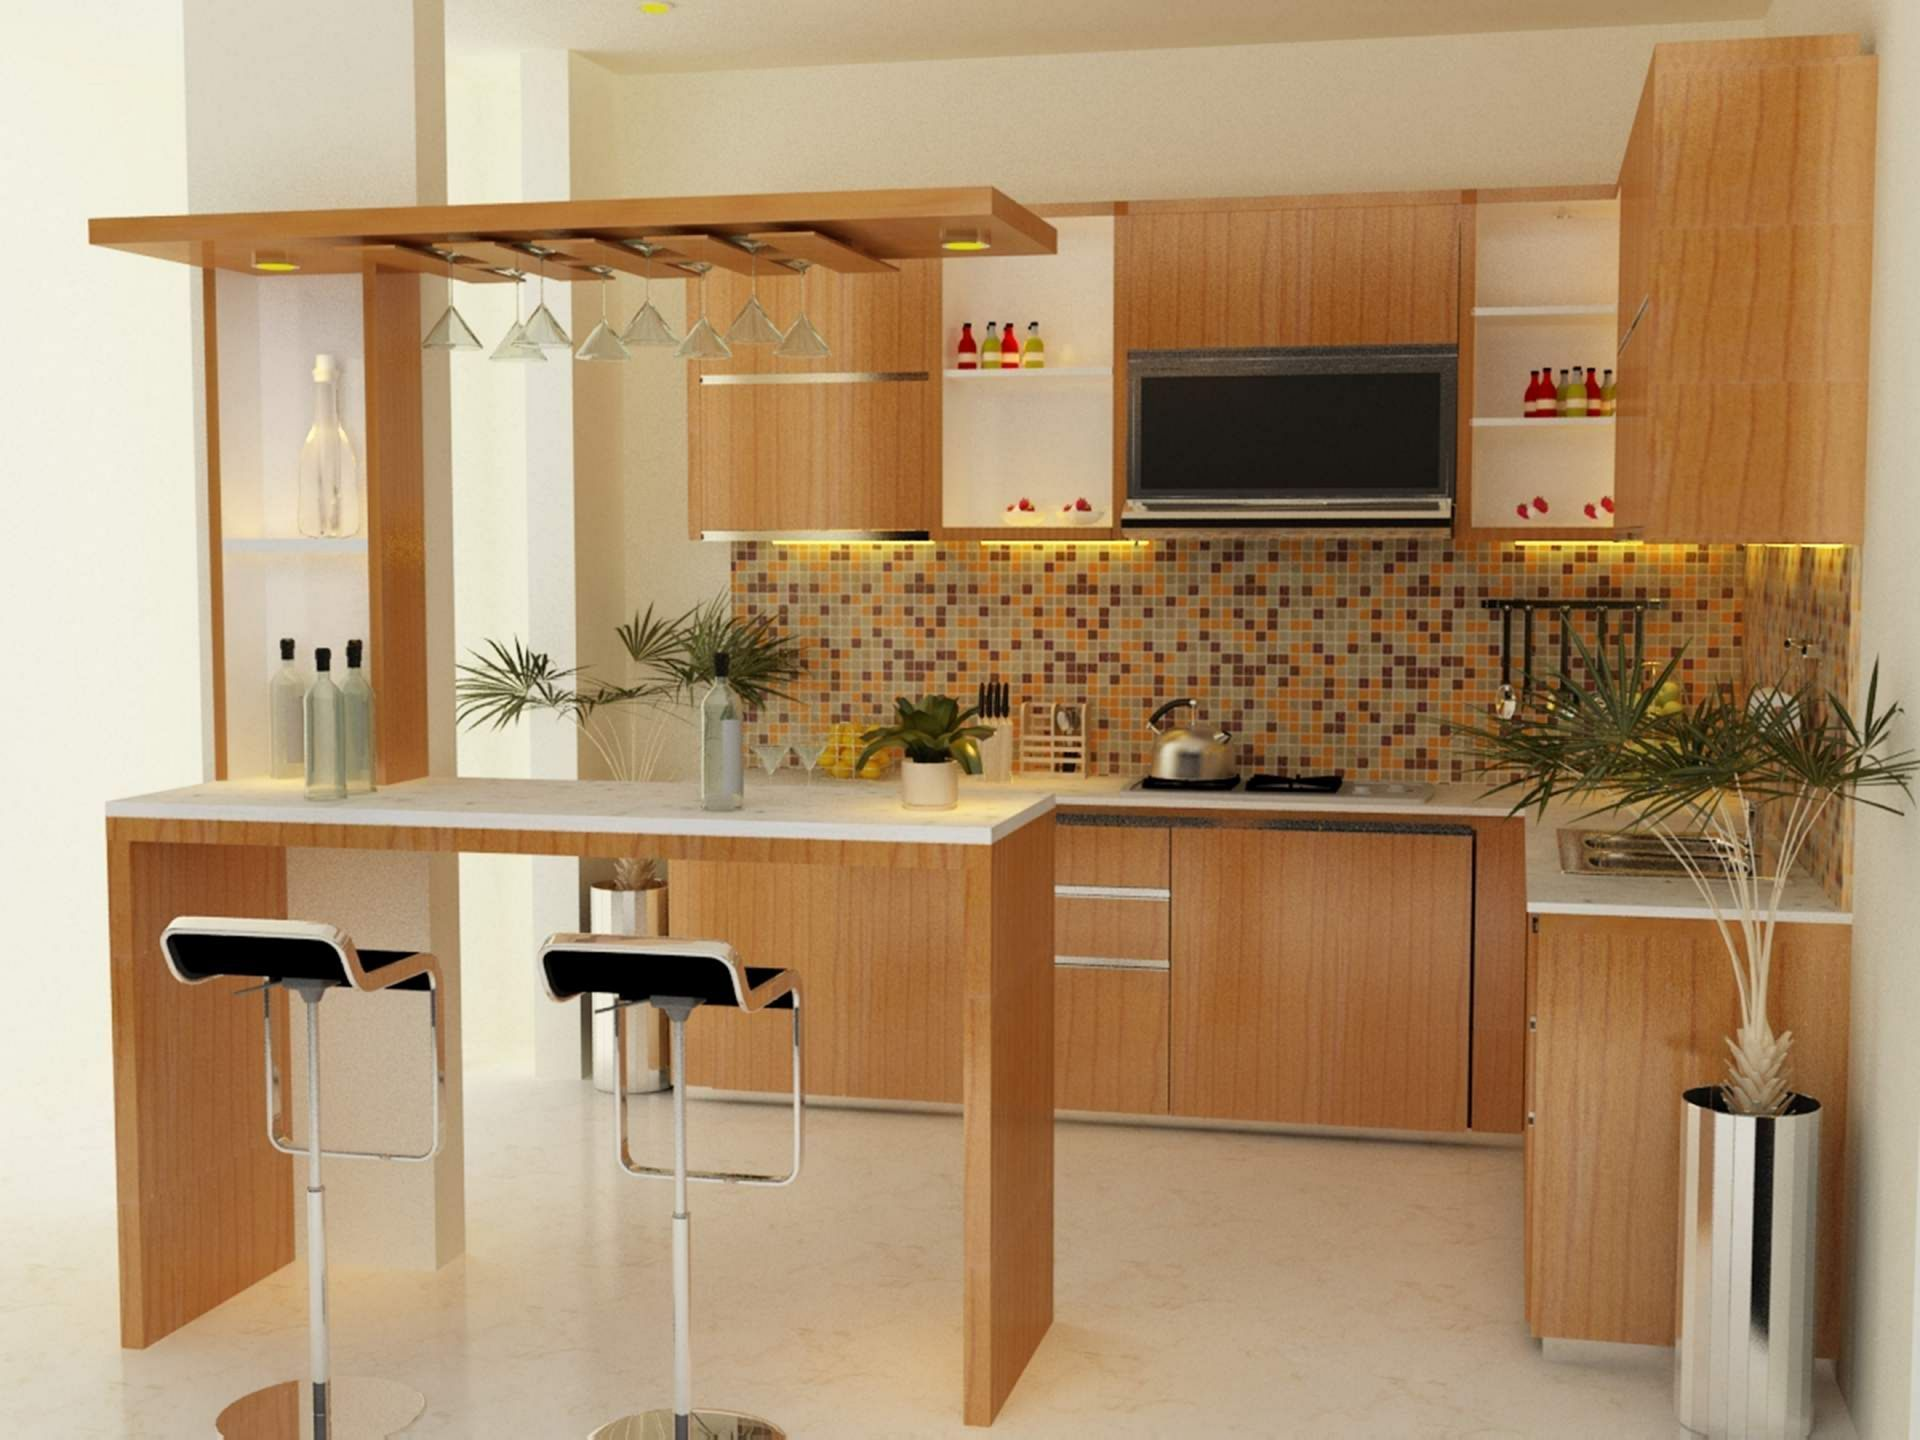 Pin De Home Apartment Design Decor En Kitchen Ideas Cocinas Pequenas Con Desayunador Diseno De Cocina Cocinas De Madera Pequenas